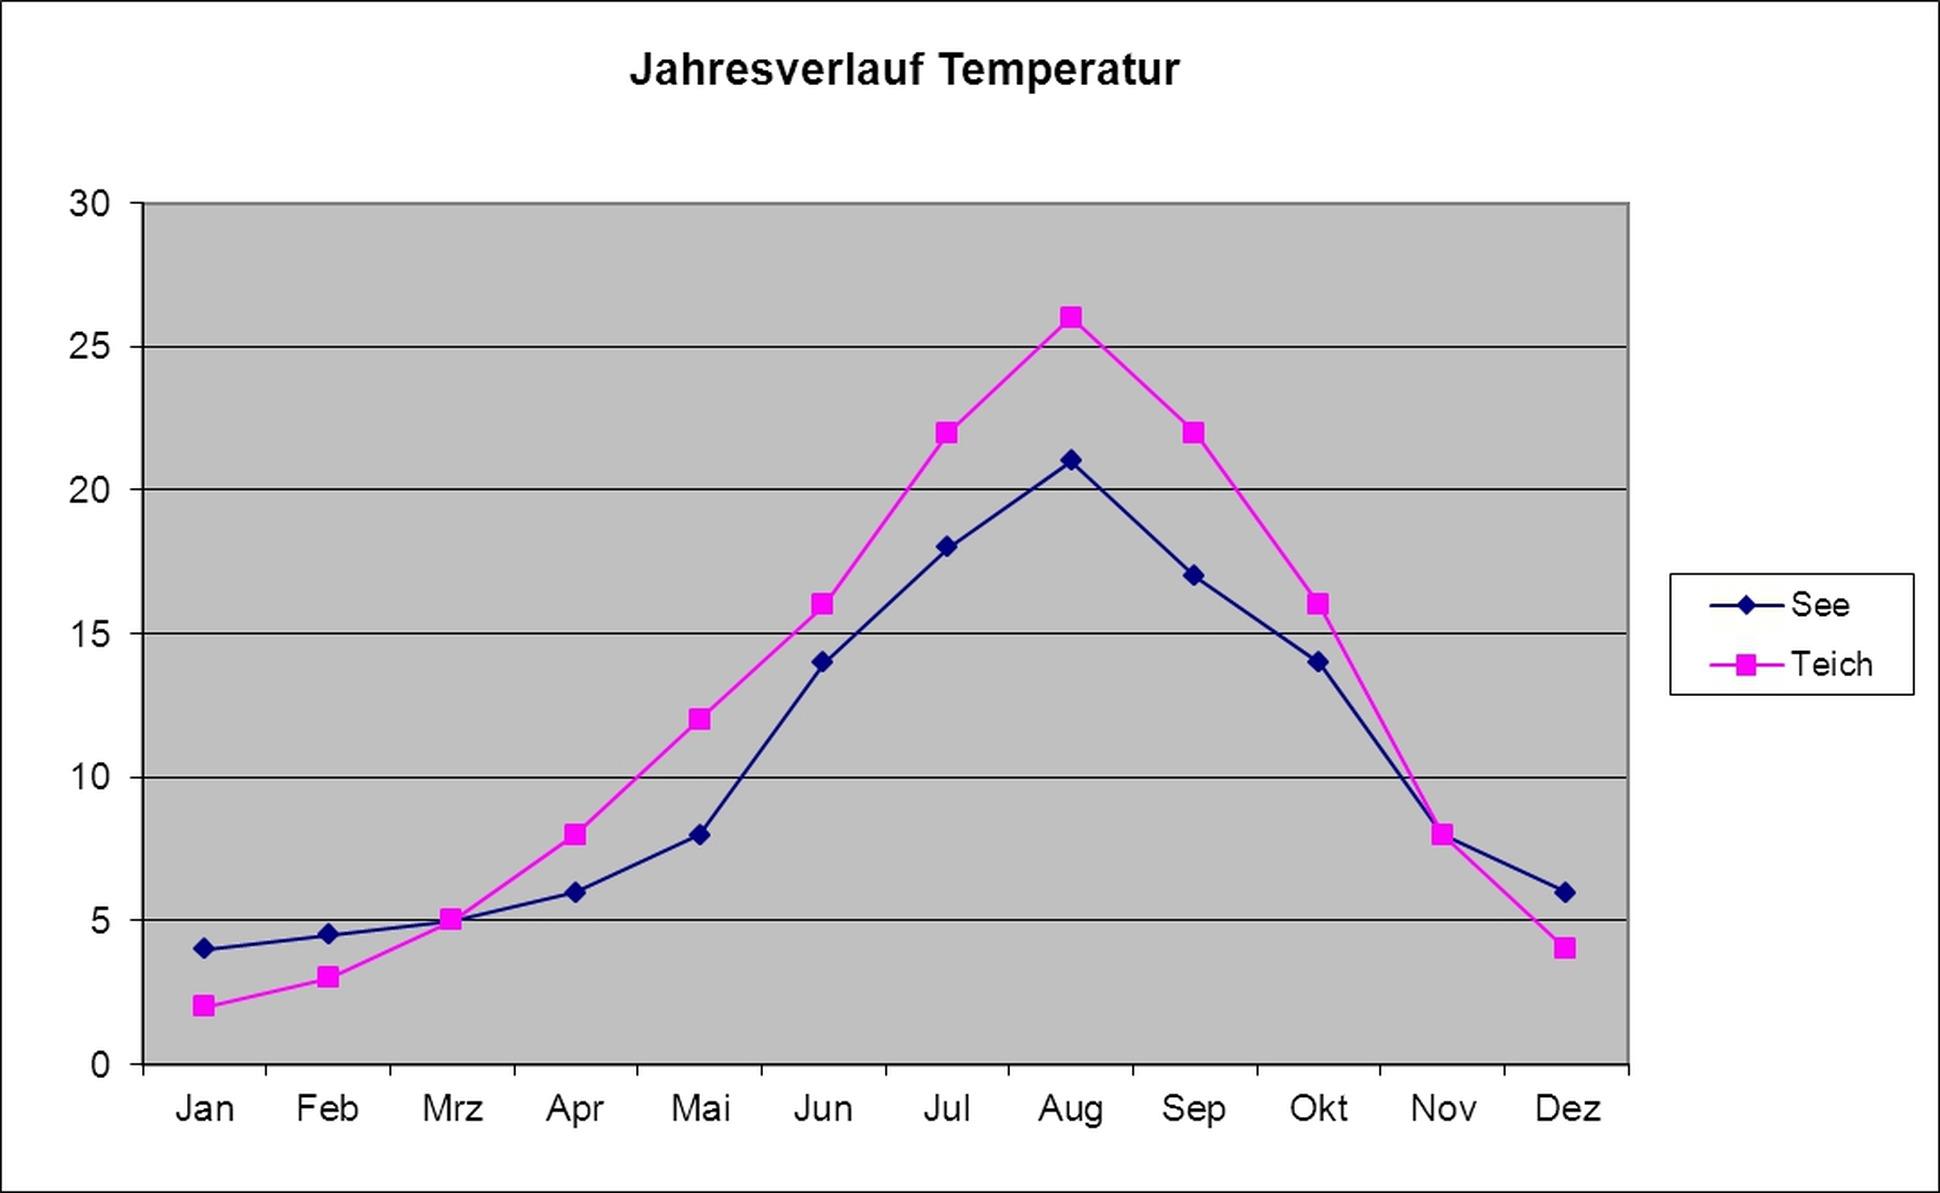 die temperatur im jahresverlauf trivial oder doch nicht